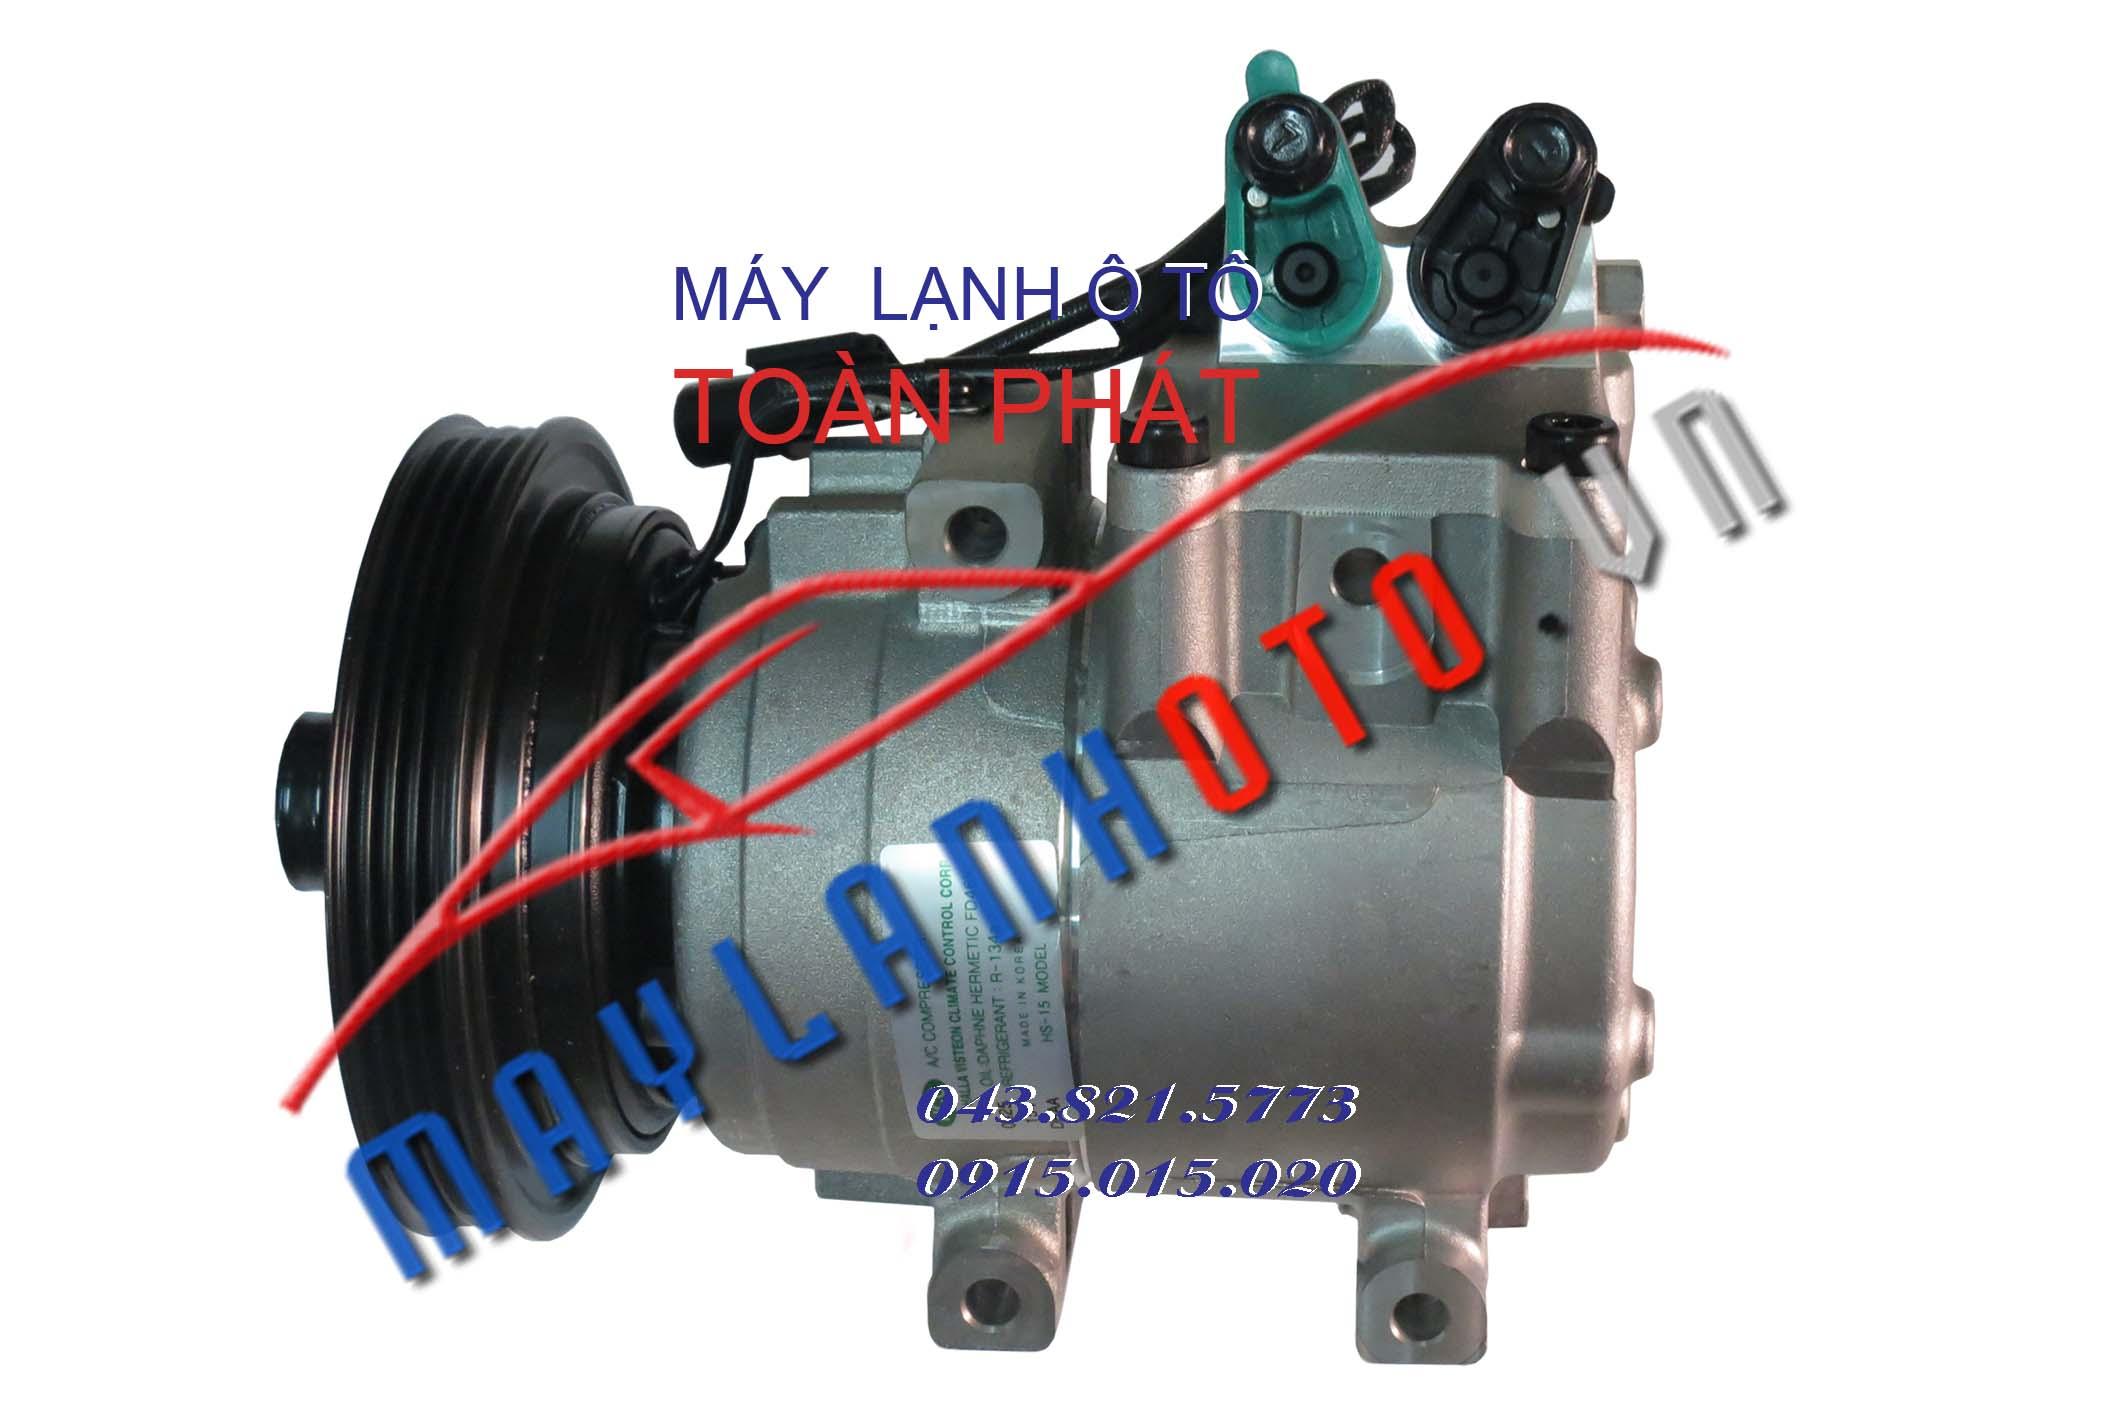 Porter 2 4PK / Lốc lạnh điều hòa Hyundai Porter 2  / Máy nén khí điều hòa Hyundai Porter 2